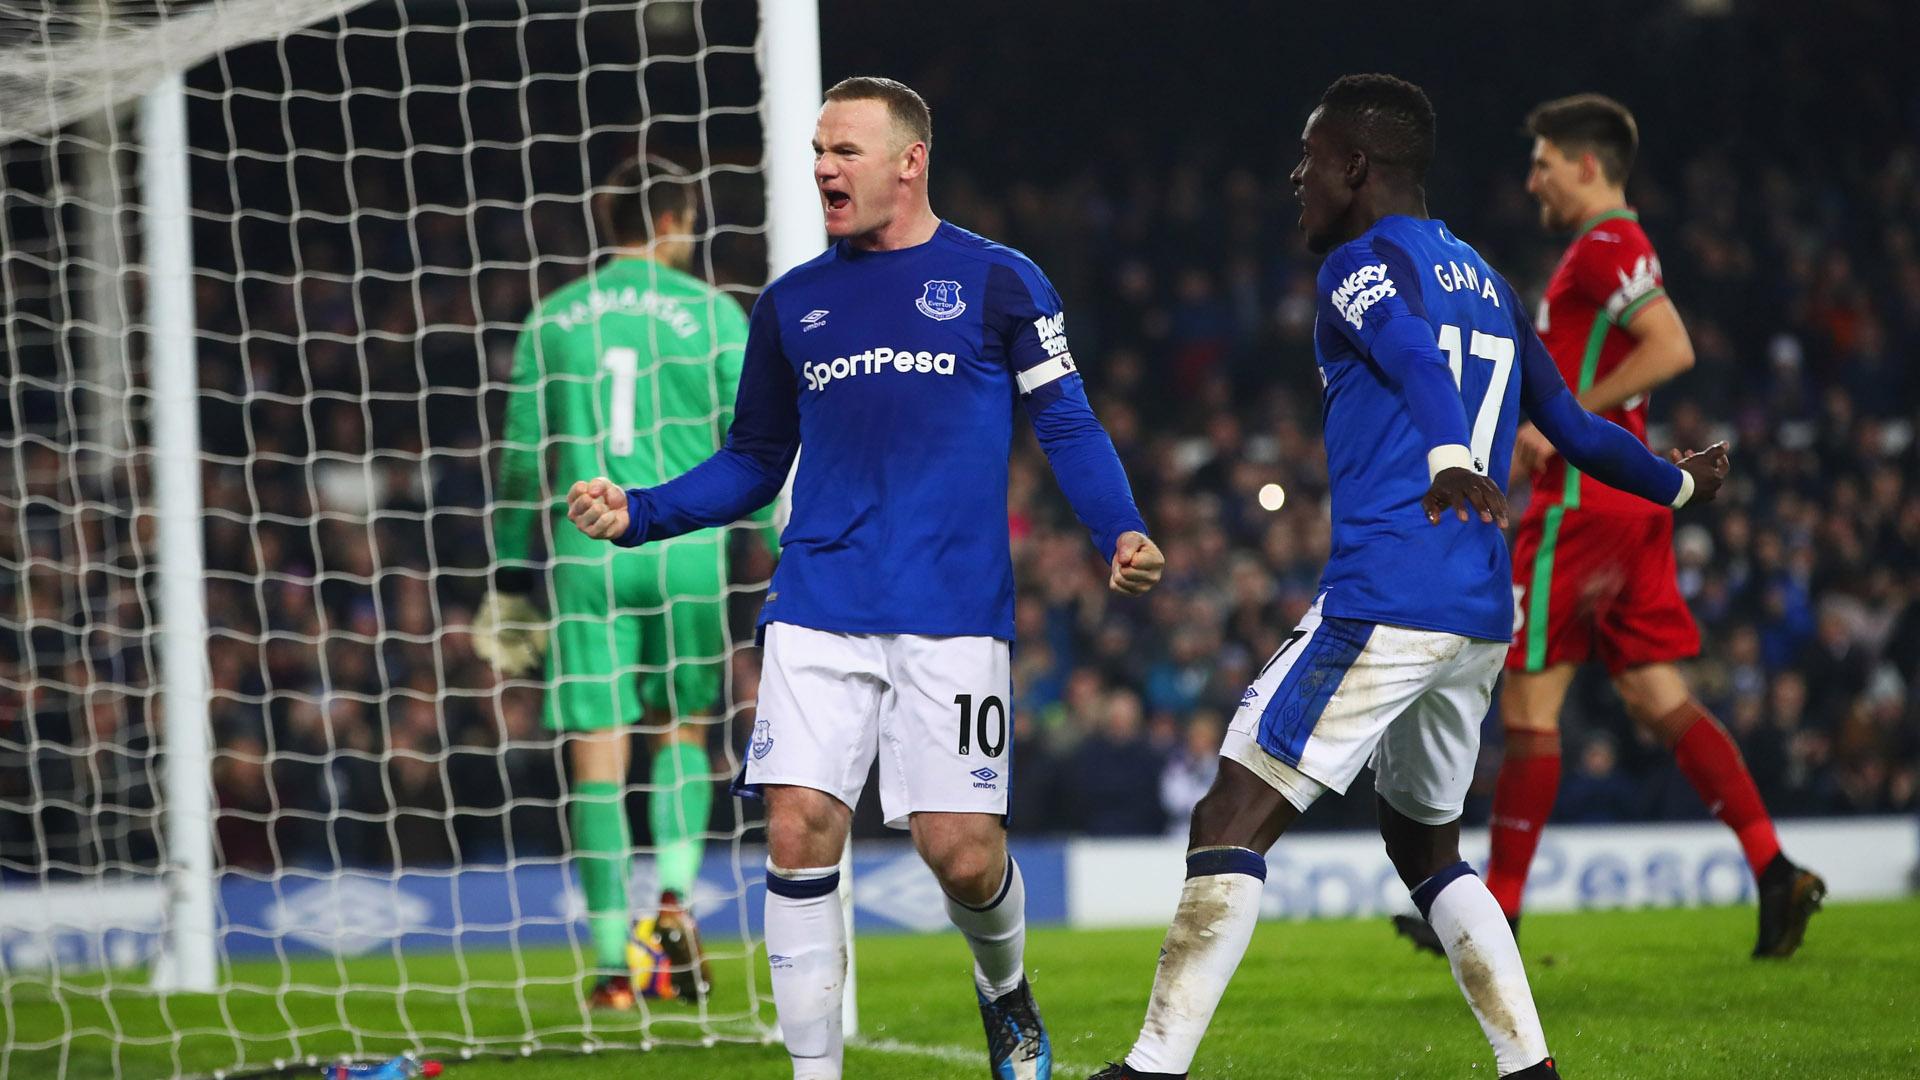 Rooney tiếp tục chói sáng, Everton vùi dập Swansea tại Goodison Park